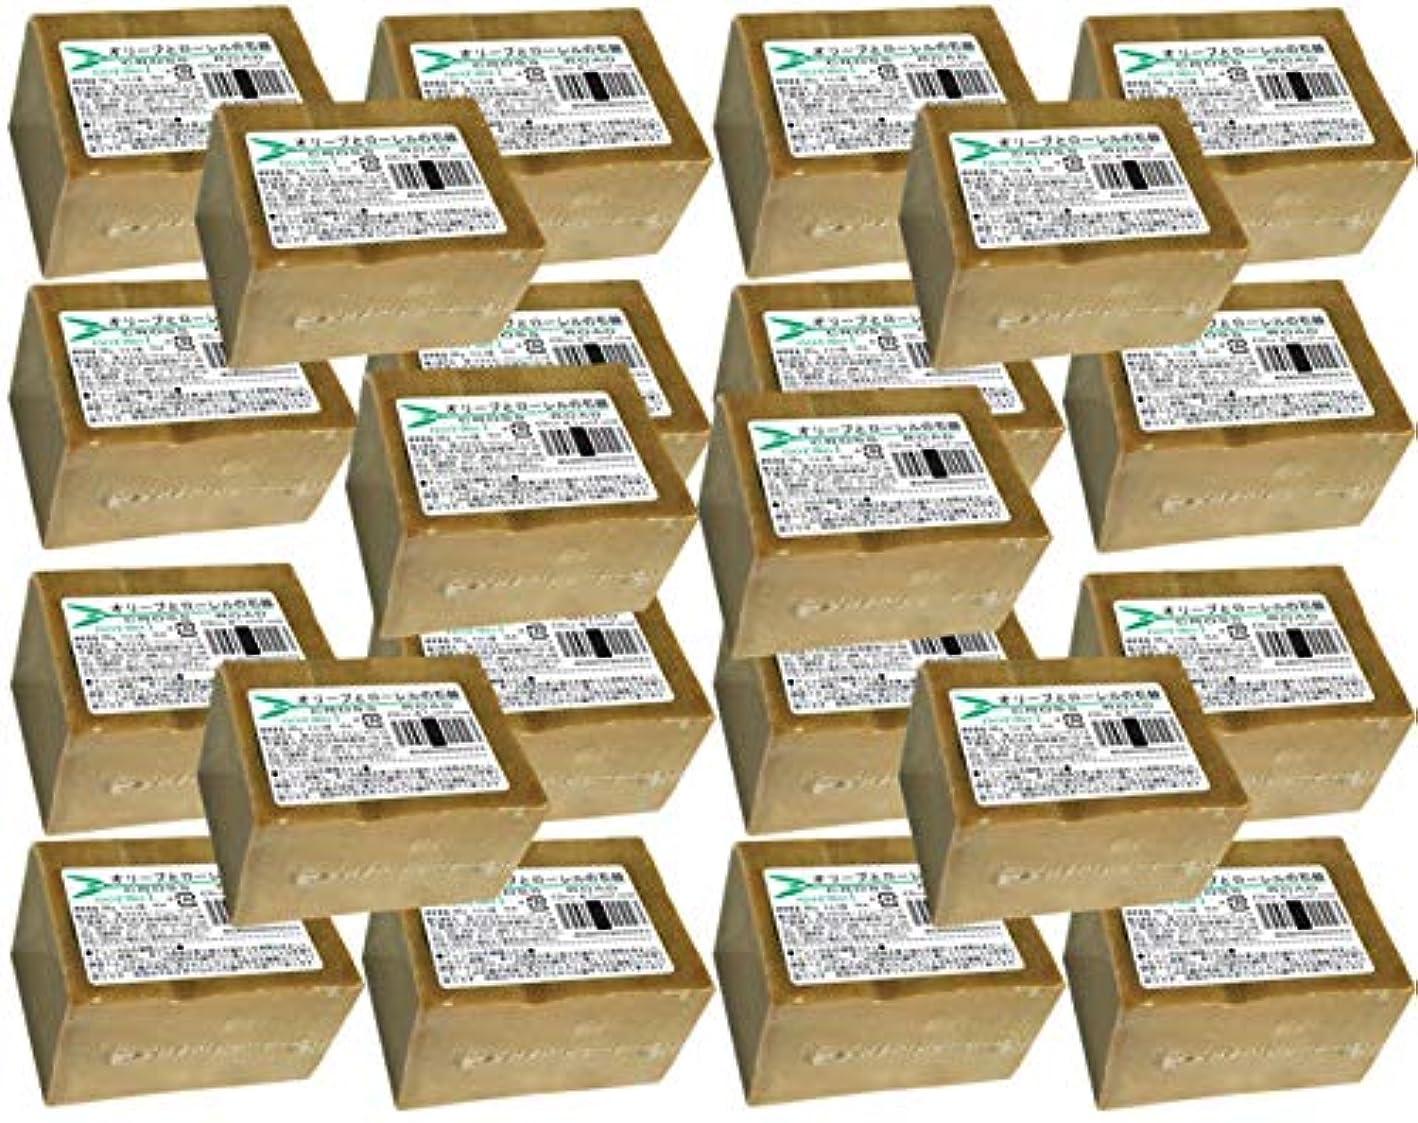 臭い器用奇跡的なオリーブとローレルの石鹸(ノーマル)22個セット [並行輸入品]